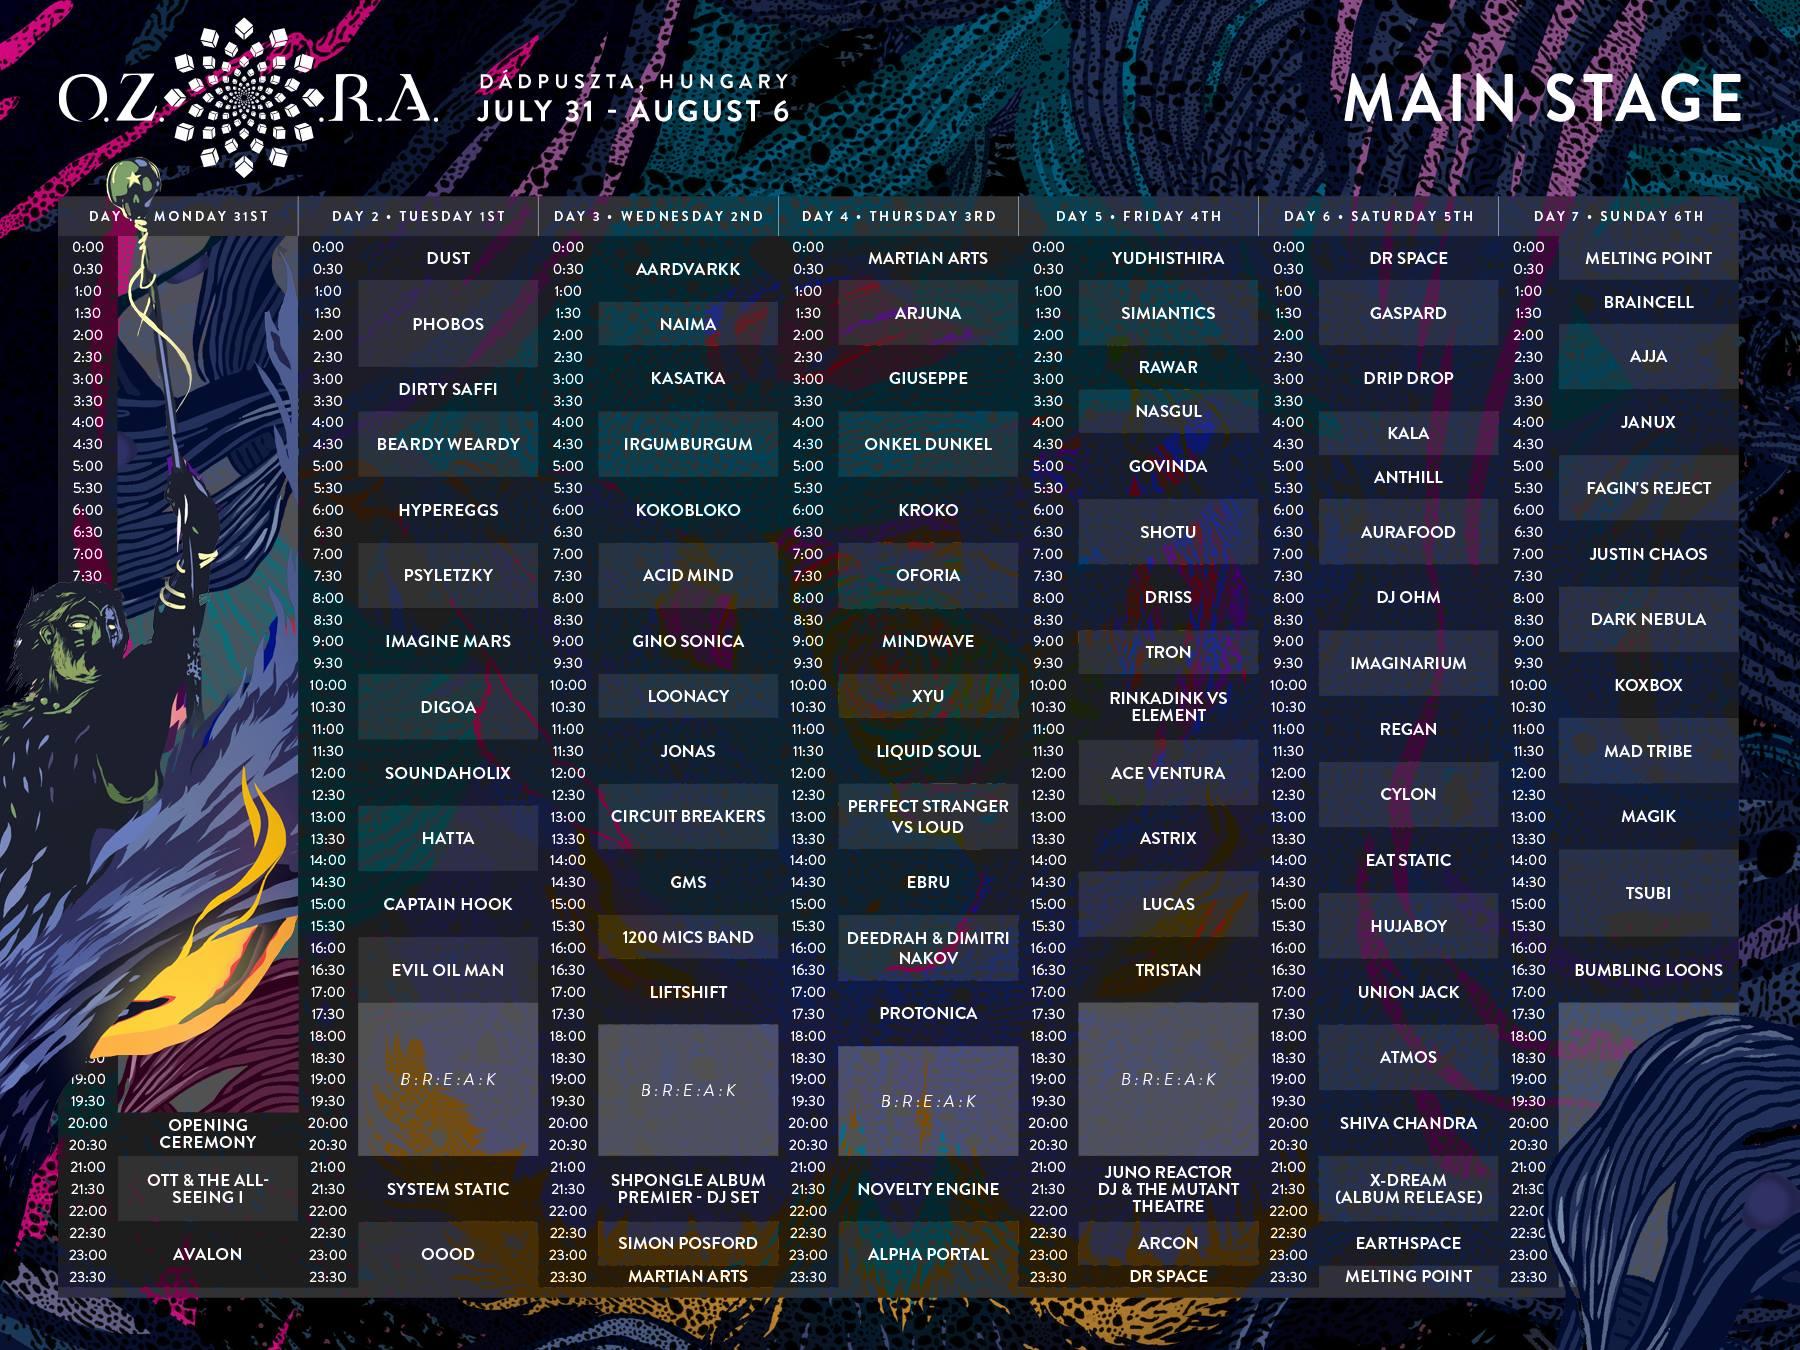 שוחרר הליינאפ הרשמי של הבמה הראשית בפסטיבל אוזורה 2017